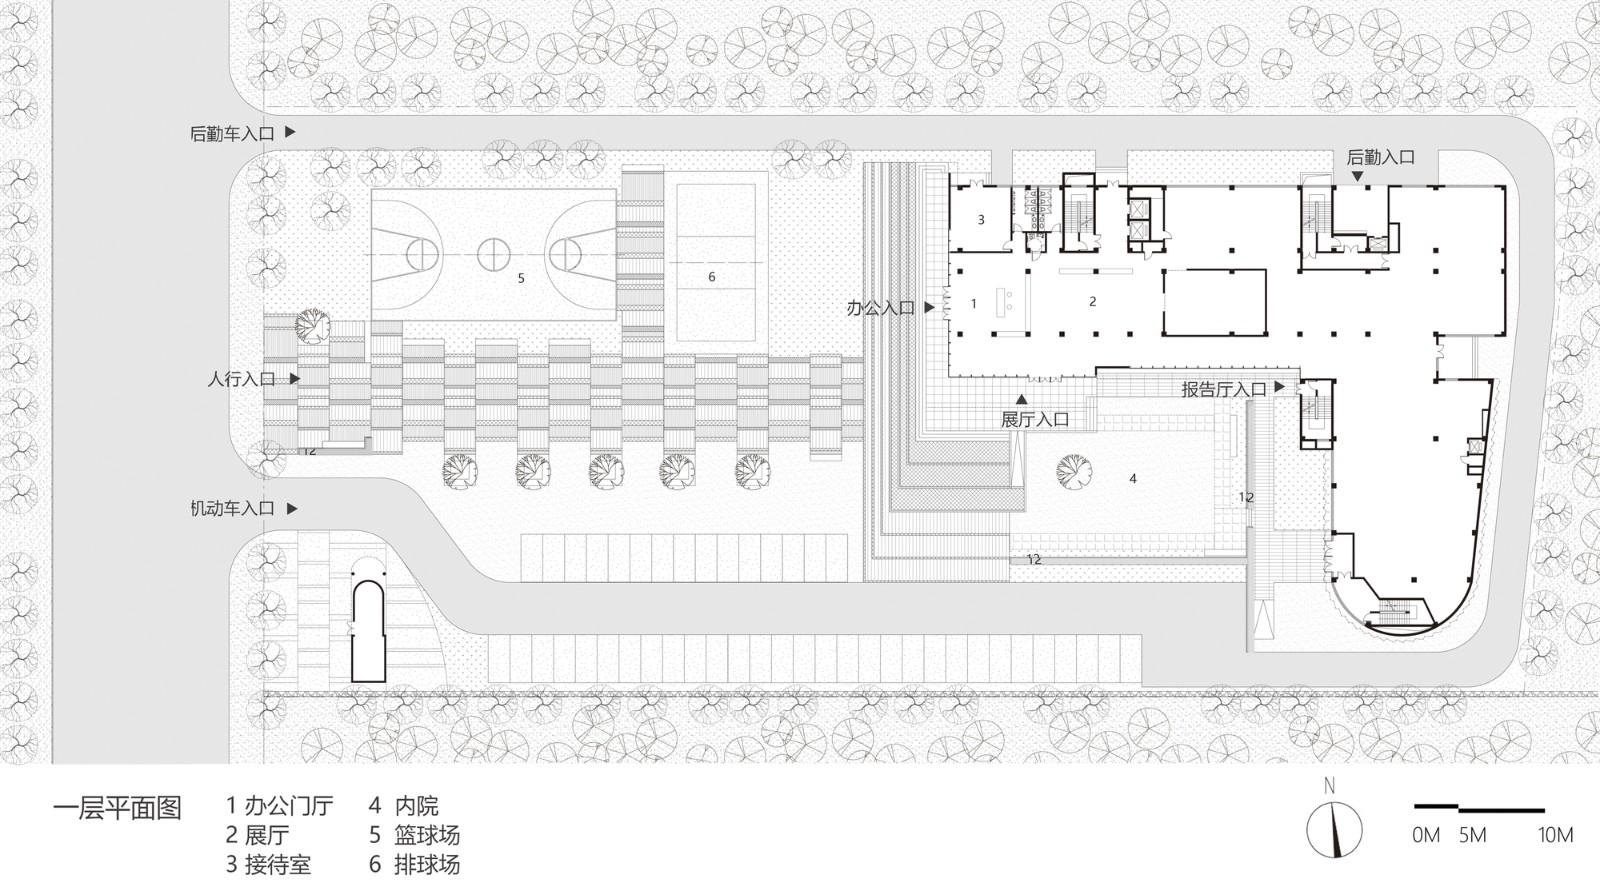 烟台海洋经济创新区总部基地 改造设计 / 水石设计